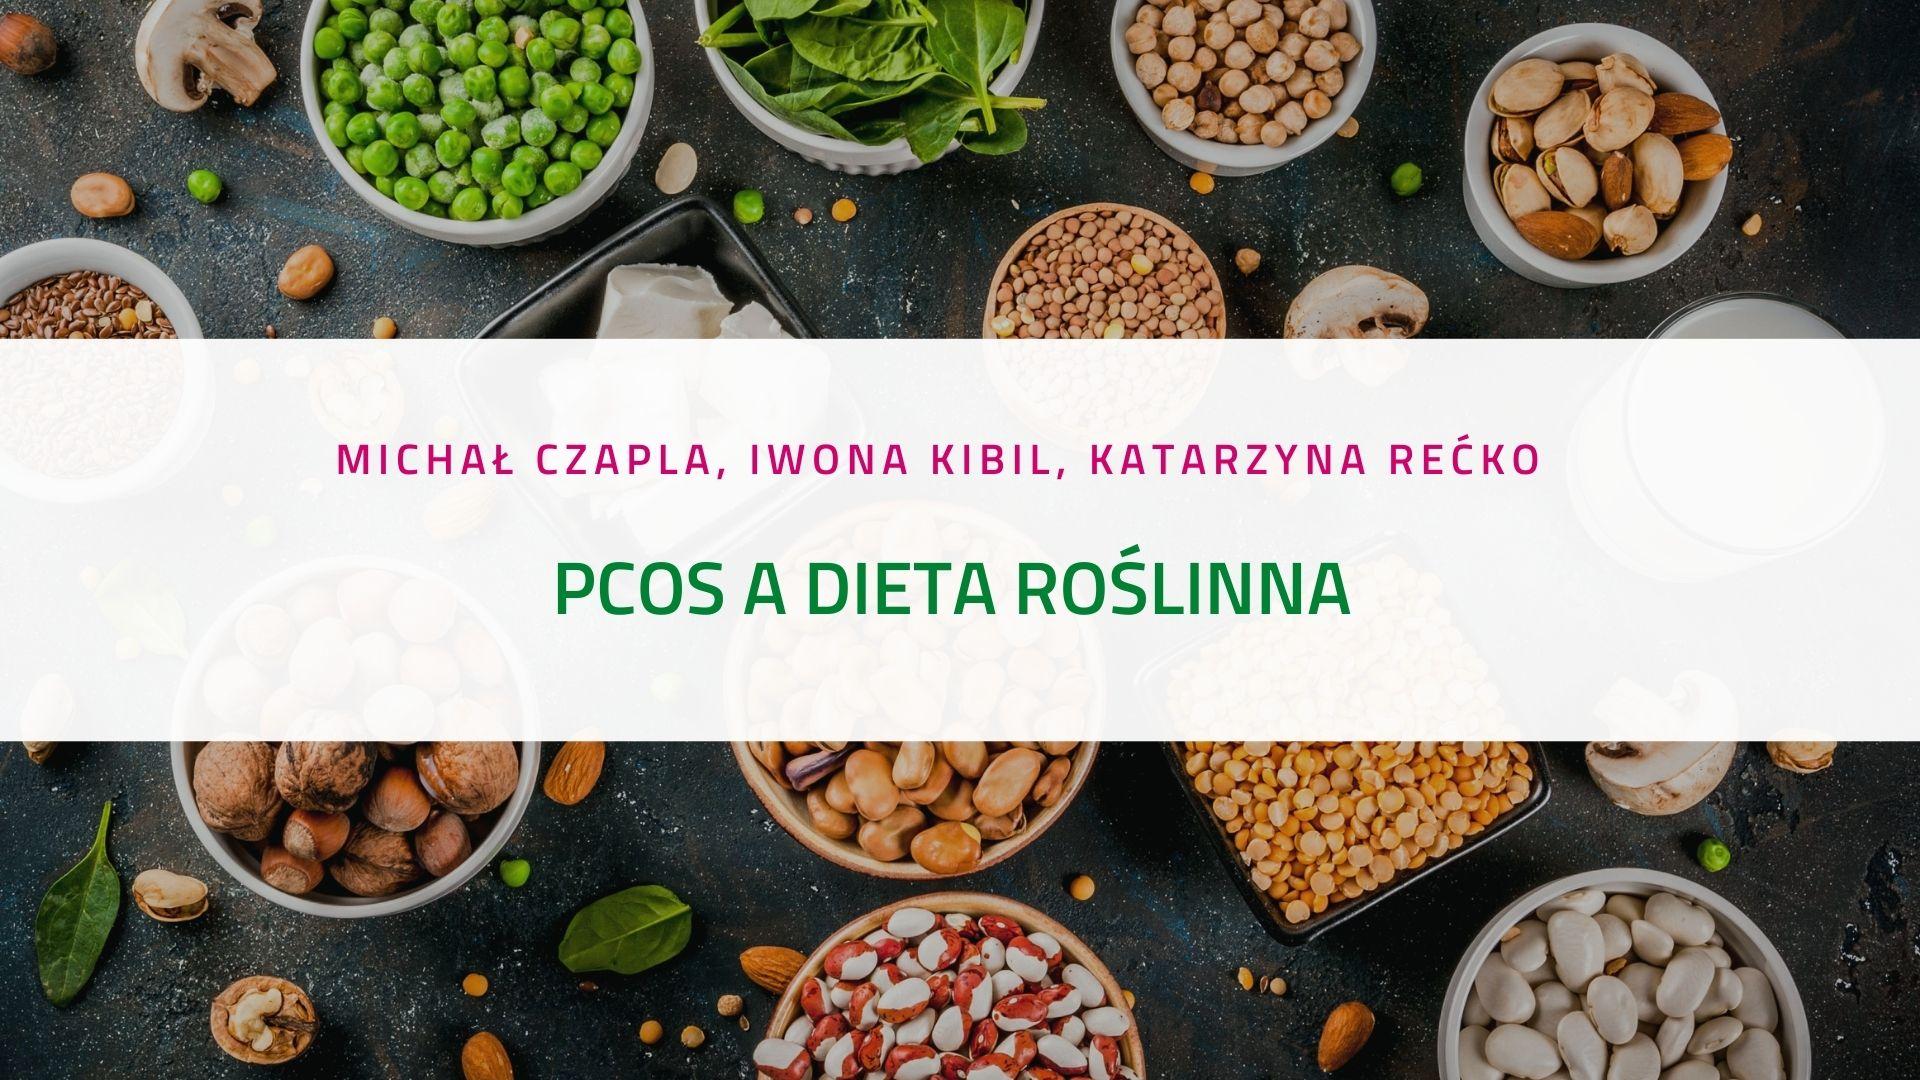 PCOS a dieta roślinna